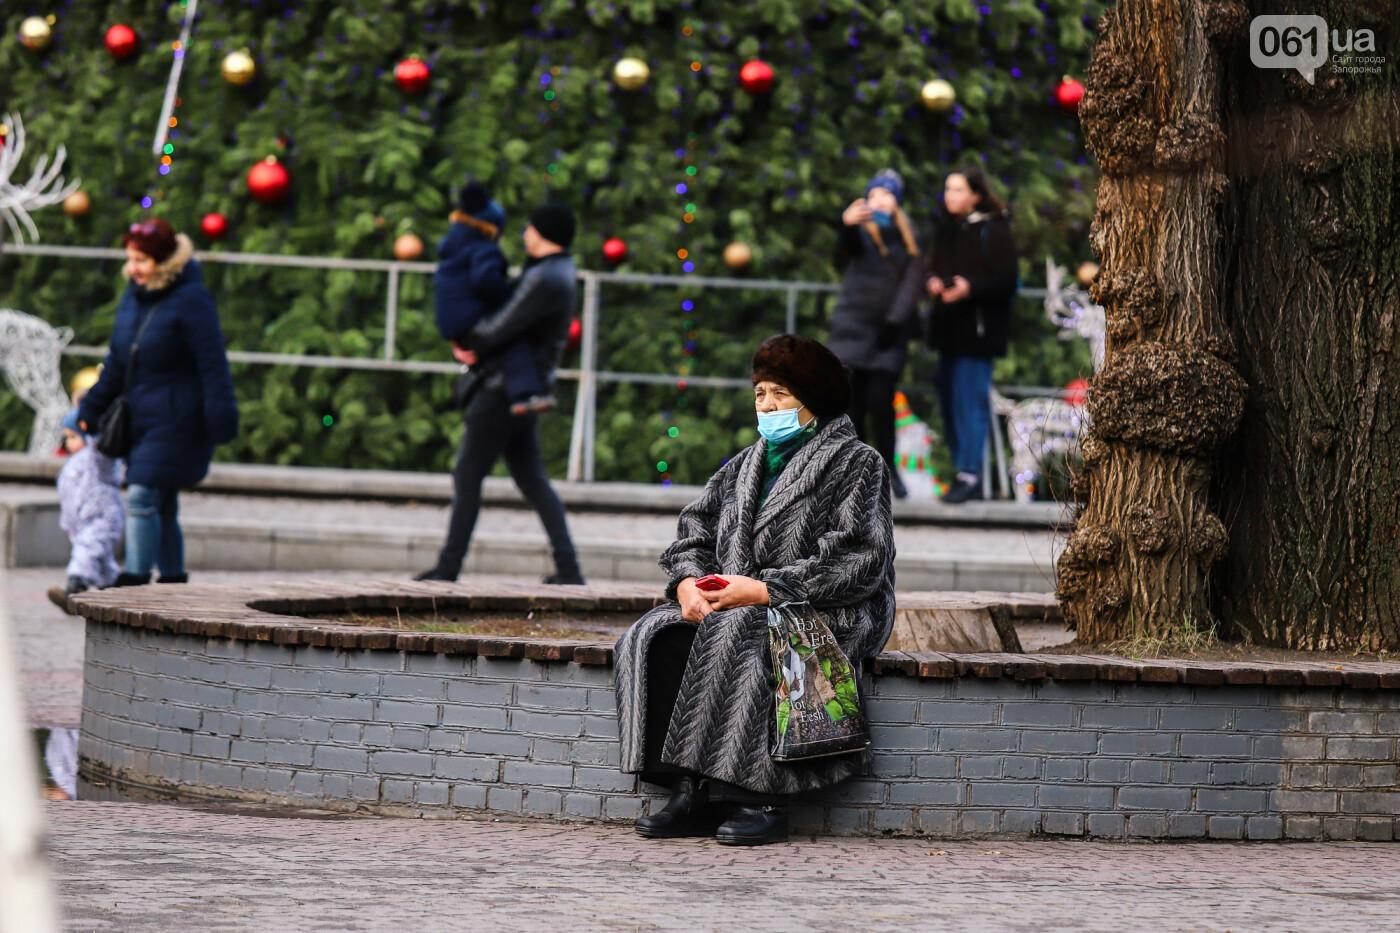 Защитные ленты на товарах, неработающие ТРЦ и полузакрытые рынки – фоторепортаж о первом дне локдауна в Запорожье, фото-41